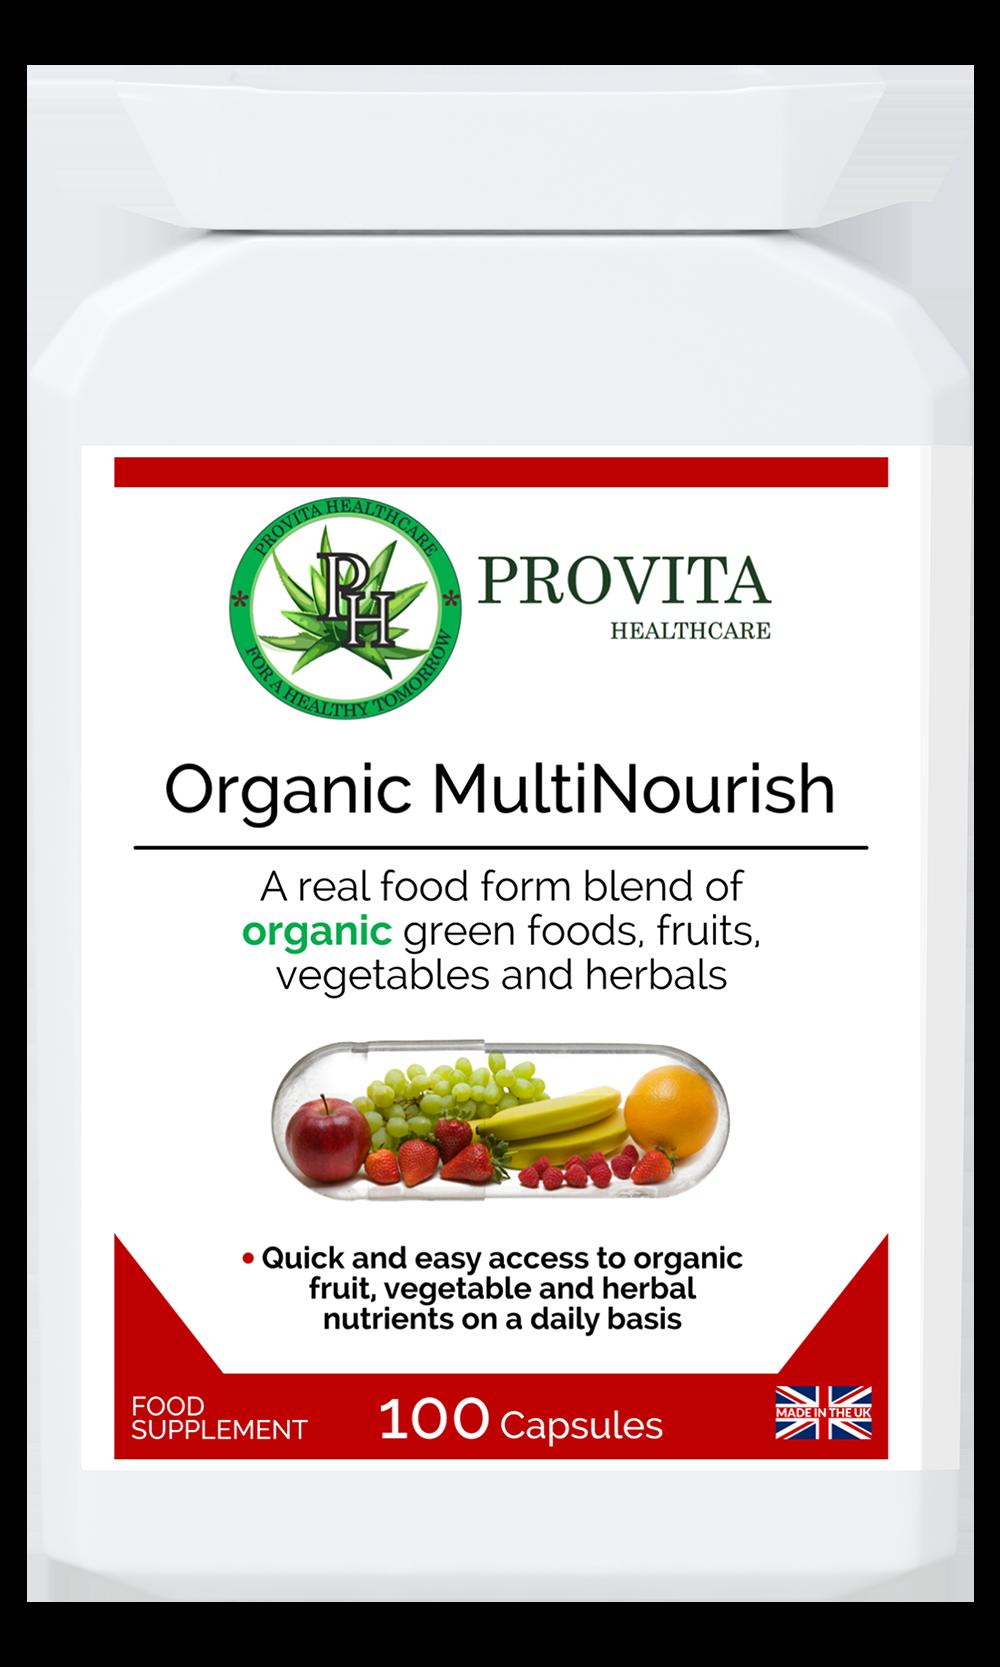 Organic MultiNourish